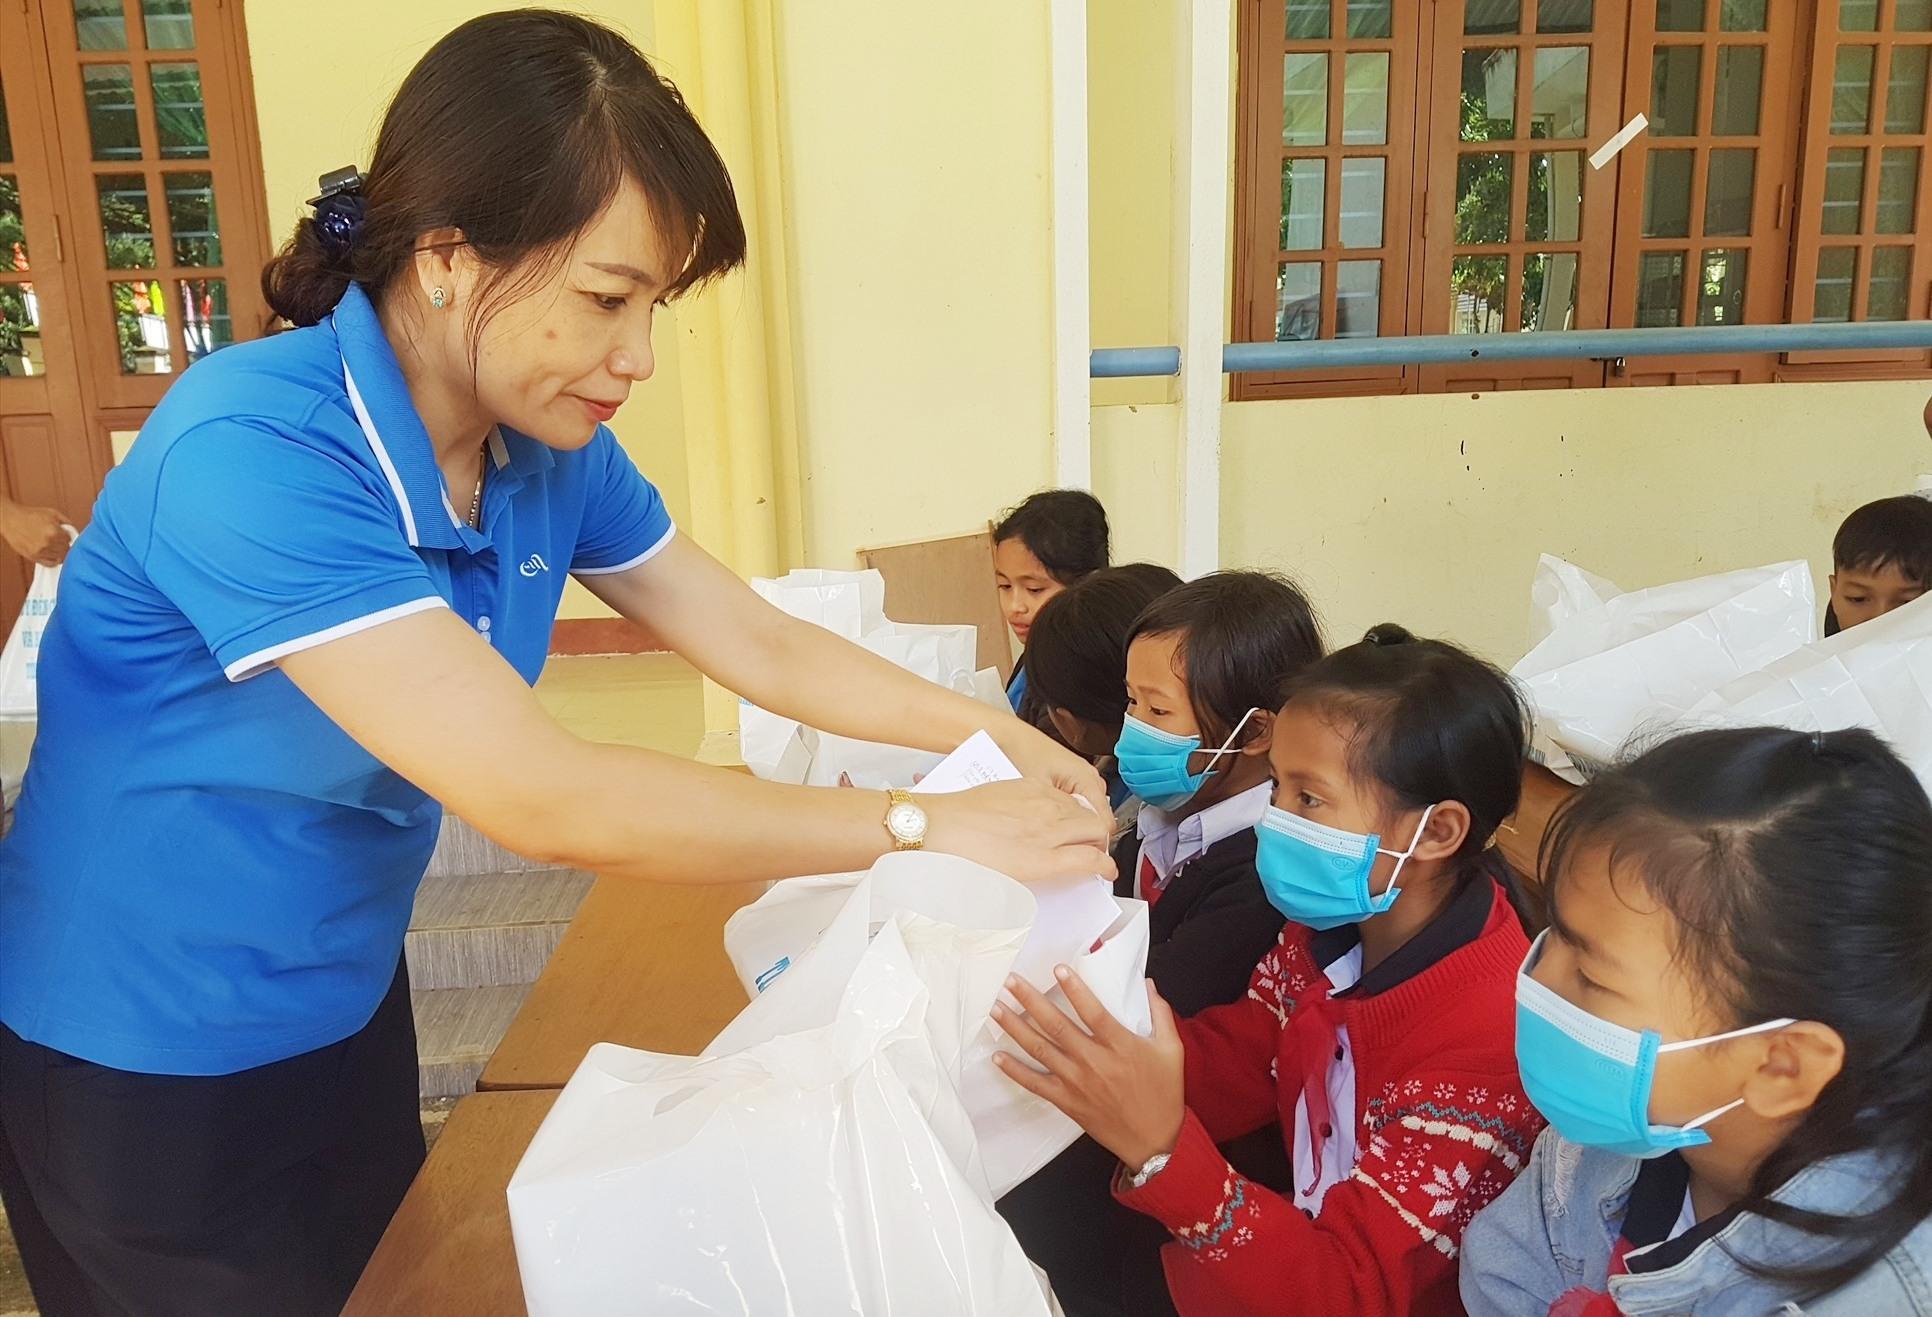 Phó Giám đốc Sở LĐ-TB&XH tỉnh Lưu Thị Bích Ngọc trao học bổng cho học sinh. Ảnh: D.L